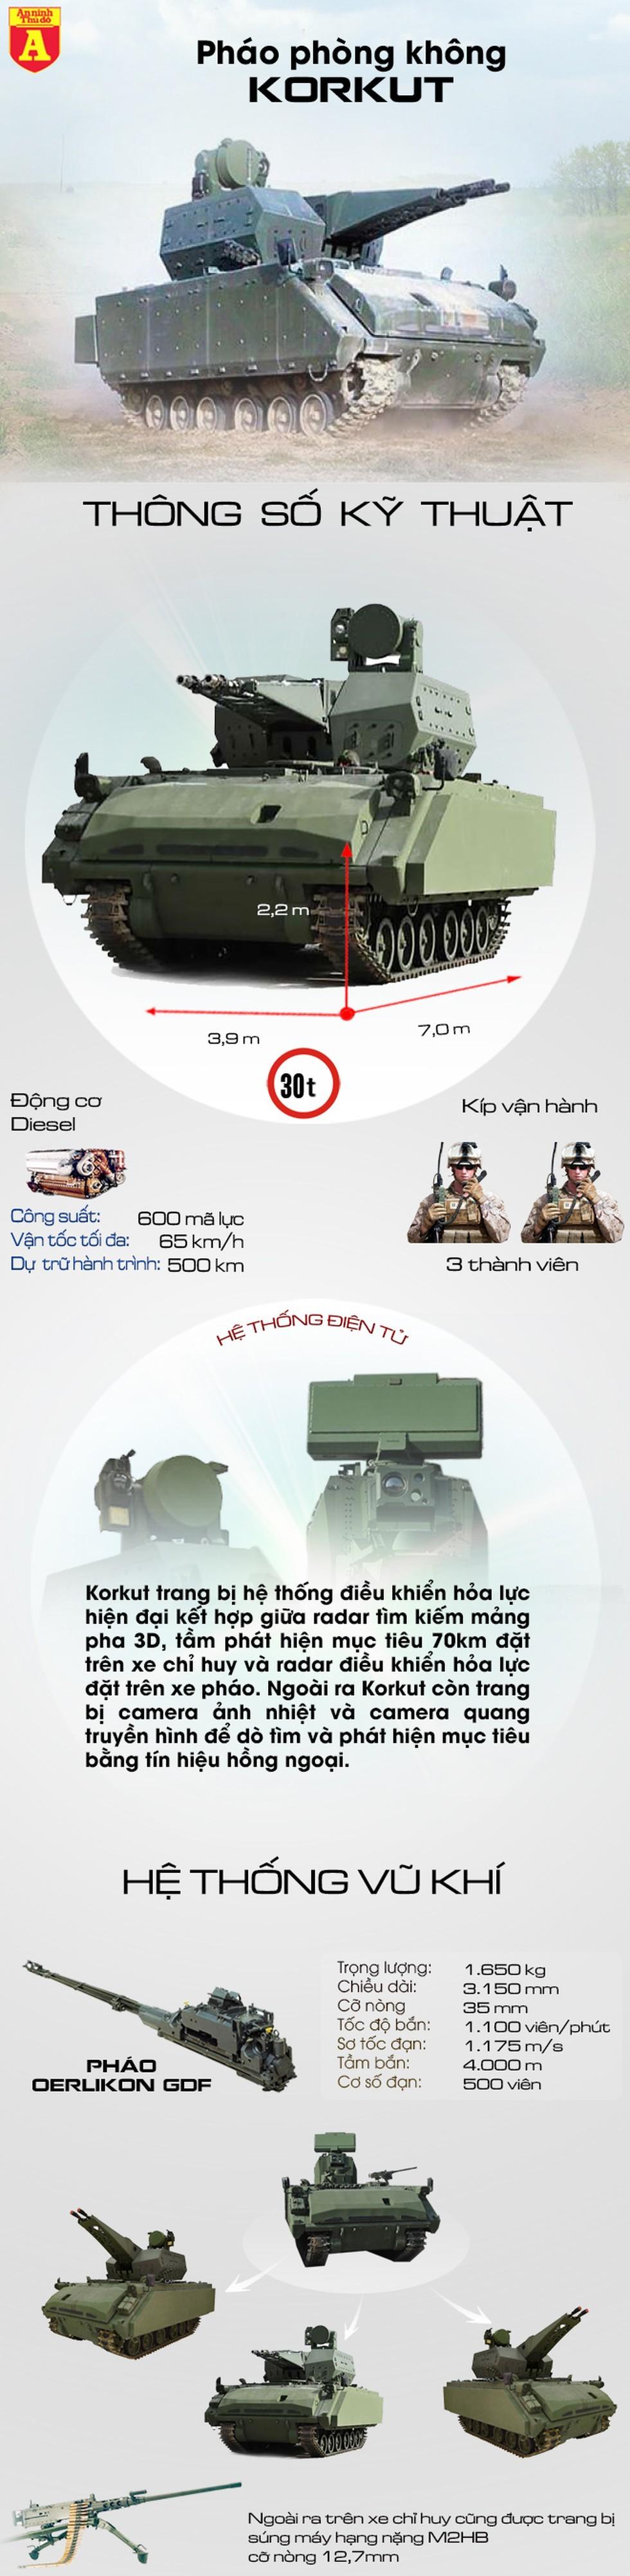 [Info] Thổ Nhĩ Kỳ tung 'sát thủ' phòng không vào Syria ảnh 2